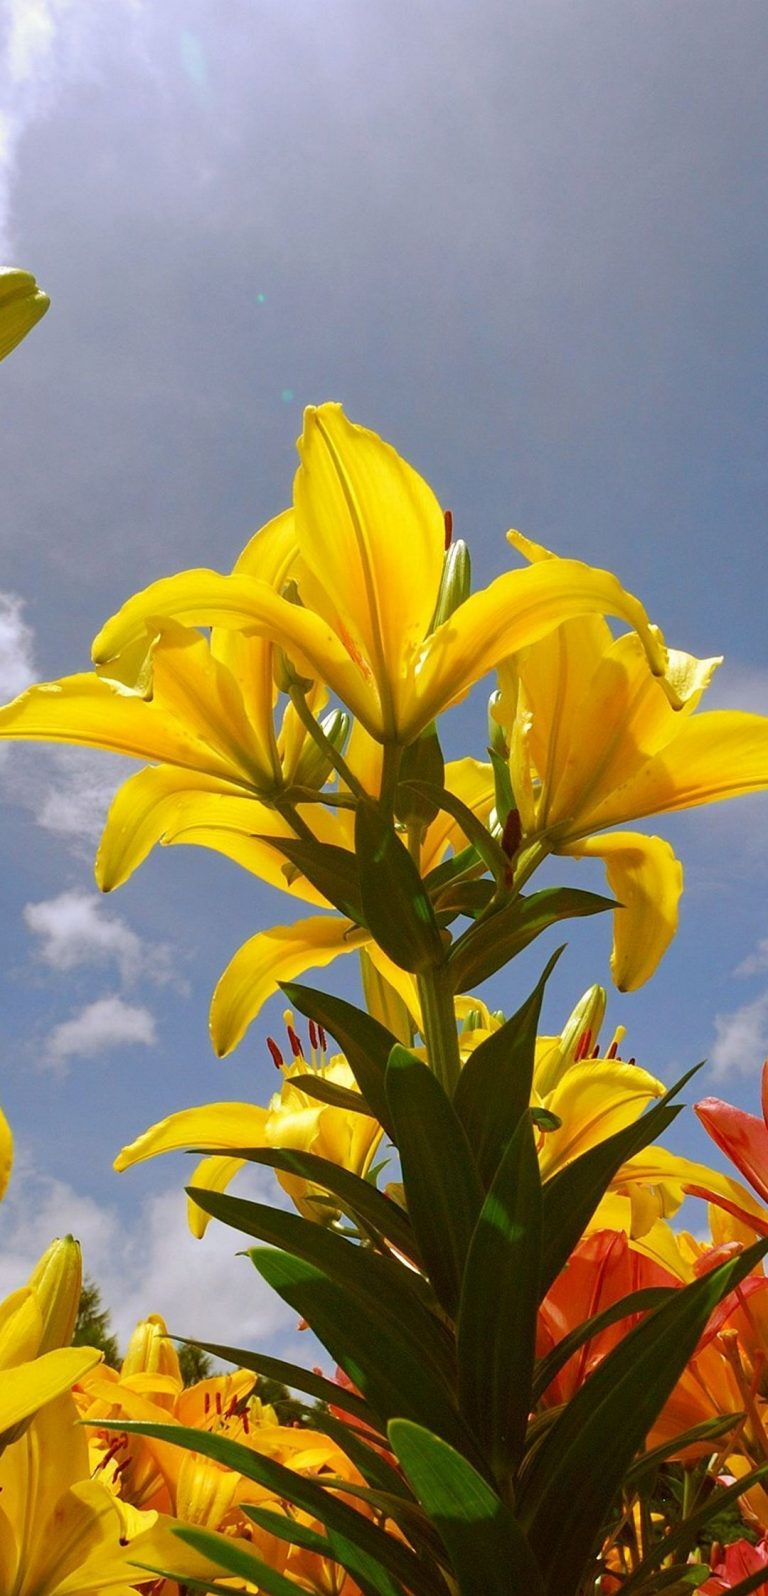 Lily Flowers 1080x2244 768x1596